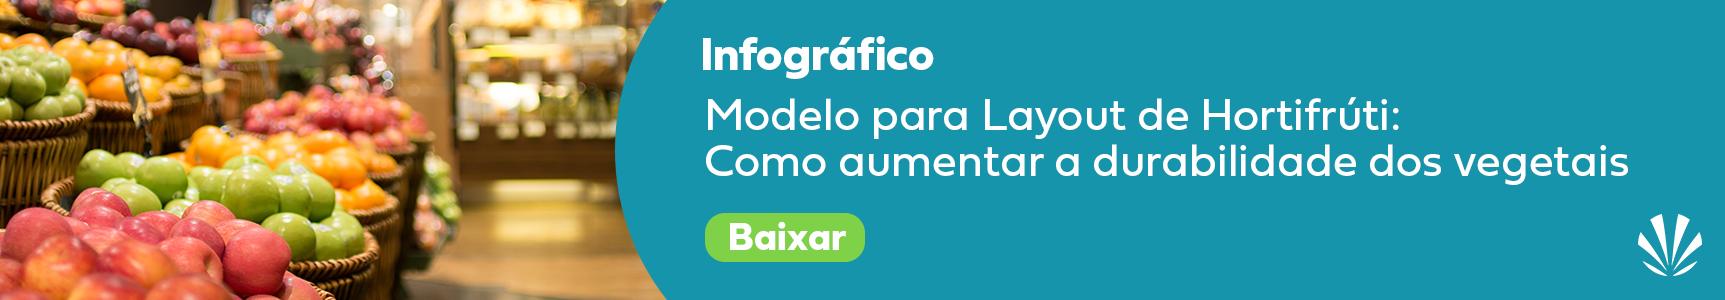 Infográfico Modelo para Layout de Hortifrúti_ Como aumentar a durabilidade dos vegetais